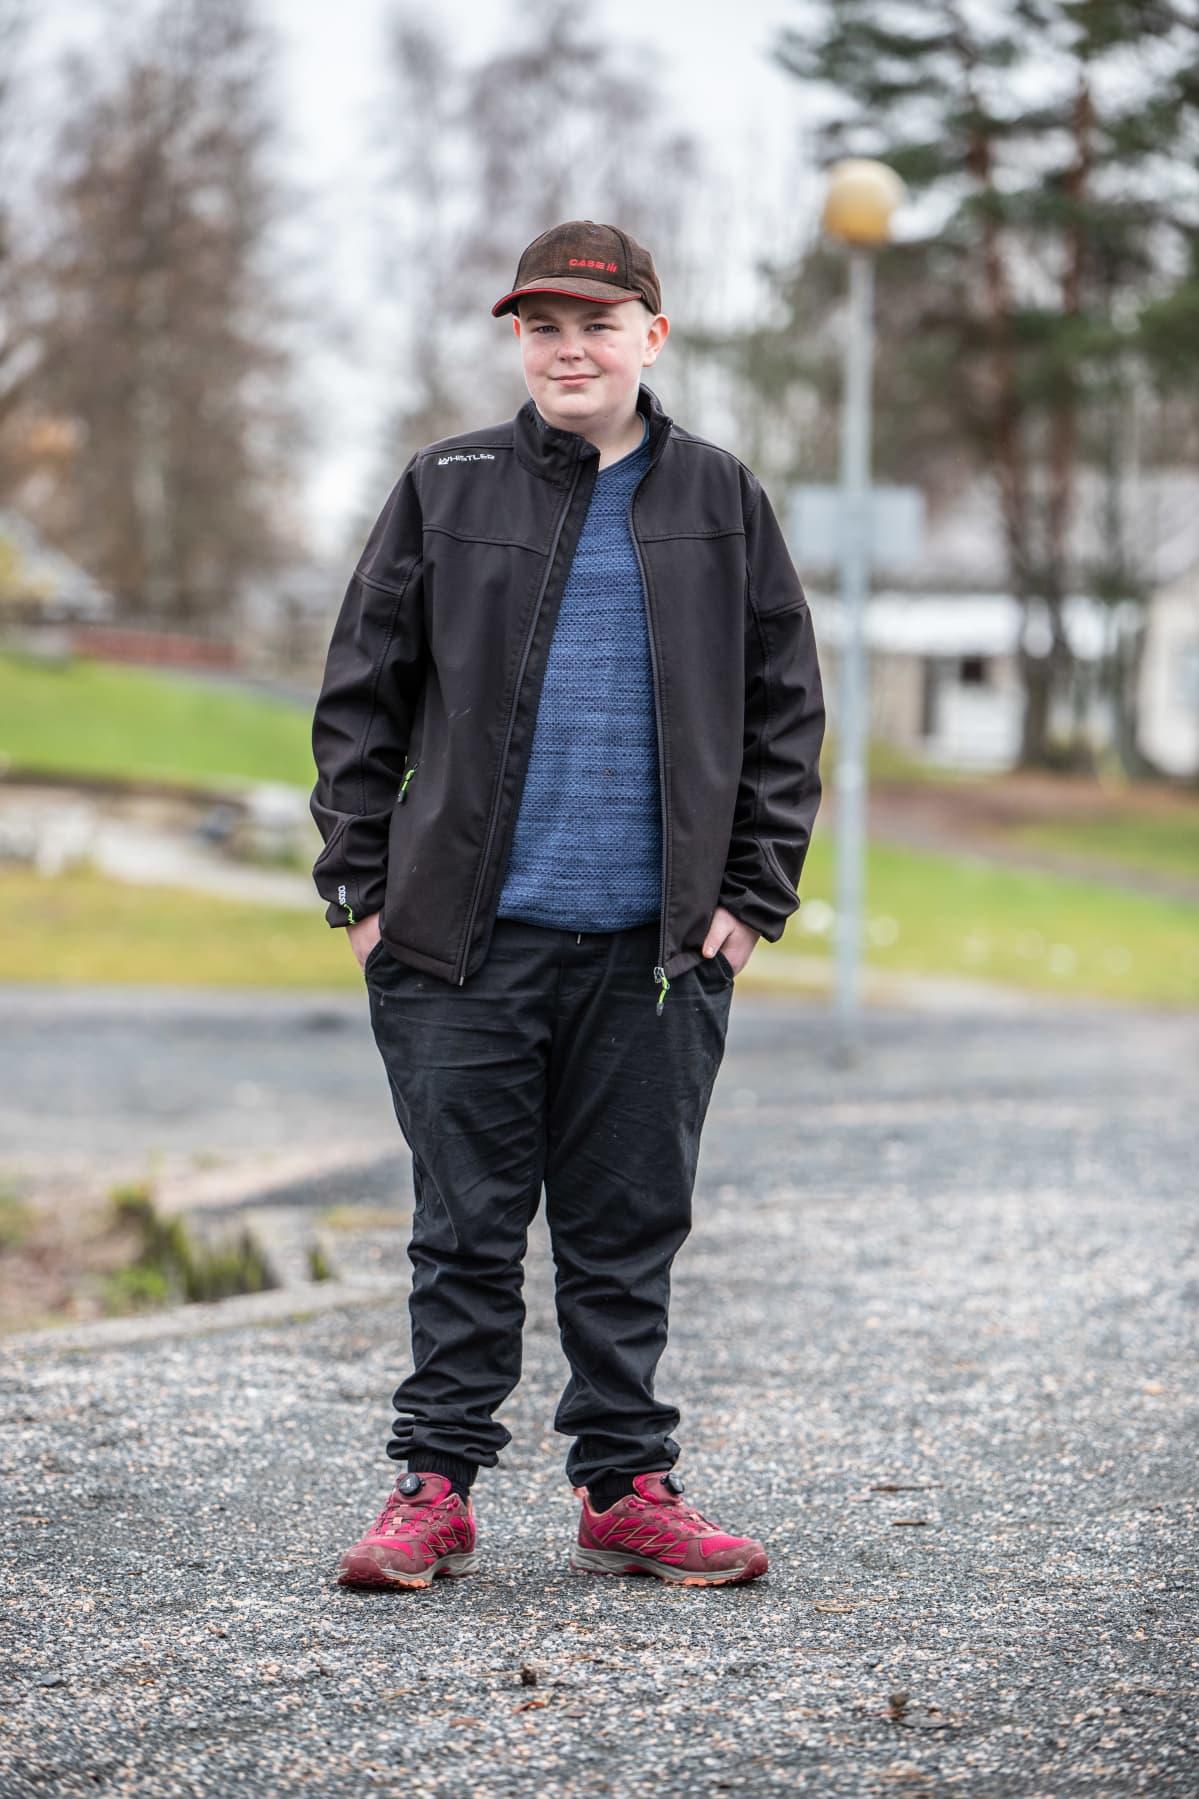 Kaustislainen koululainen Osmo Myllymäki.